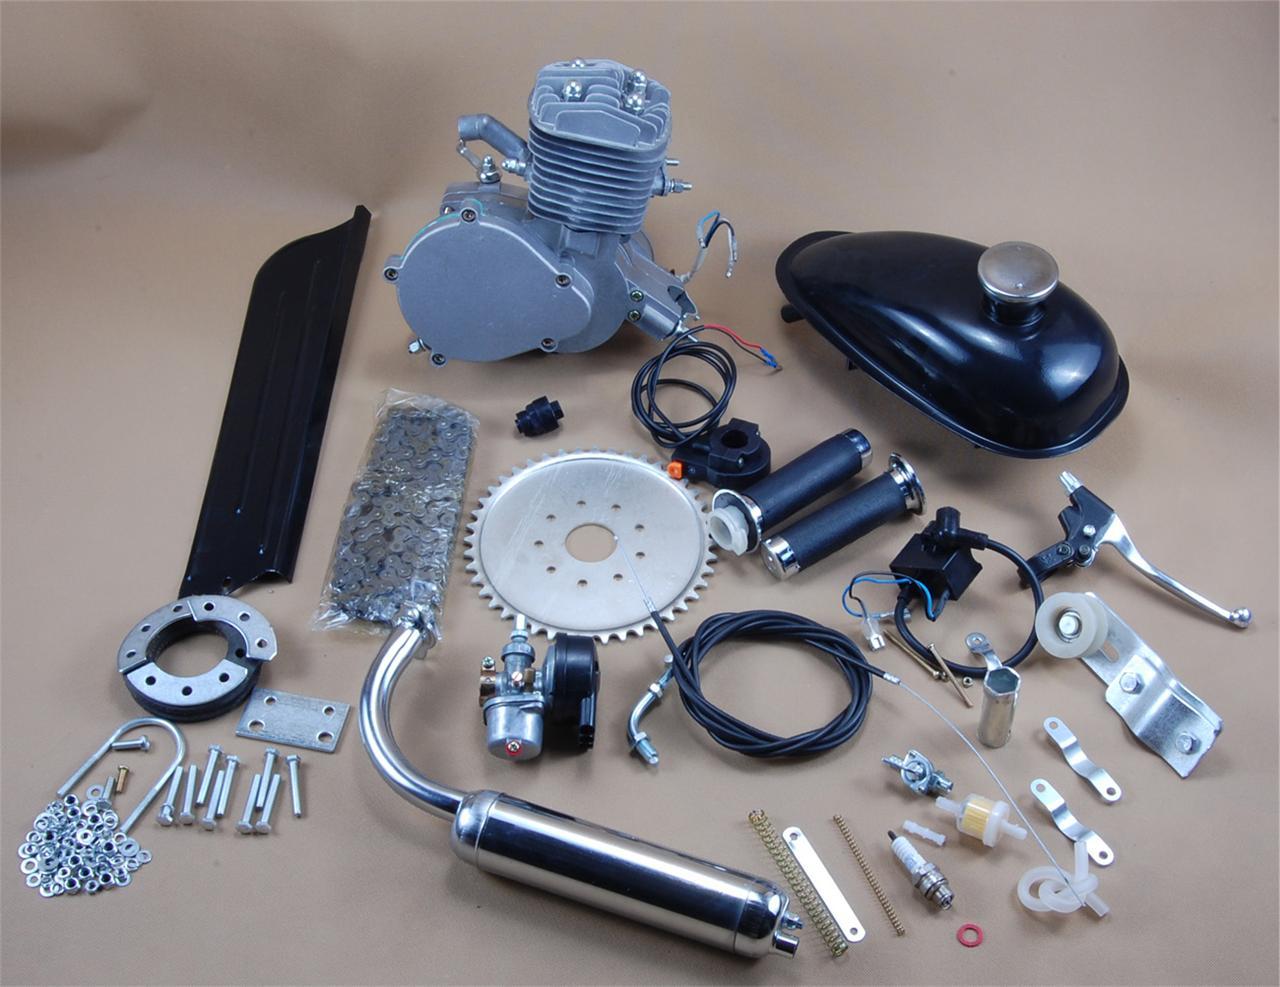 2 takt 80cc v lo moteur motorset fahrrad benzin hilfsmotor 2 stroke motor ebay. Black Bedroom Furniture Sets. Home Design Ideas